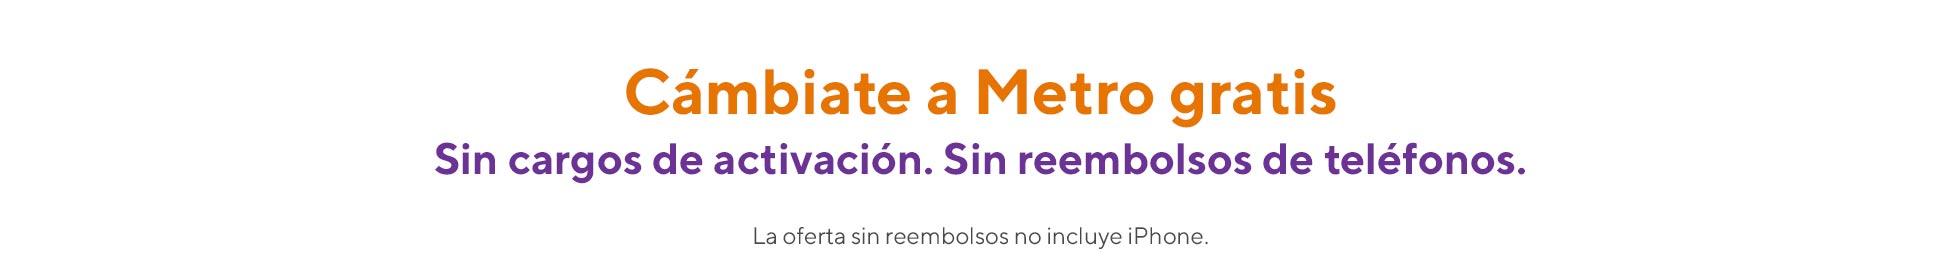 En estas fiestas, cámbiate a Metro gratis. Sin cargos de activación. Sin reembolsos de teléfonos. La oferta sin reembolsos no incluye iPhone.